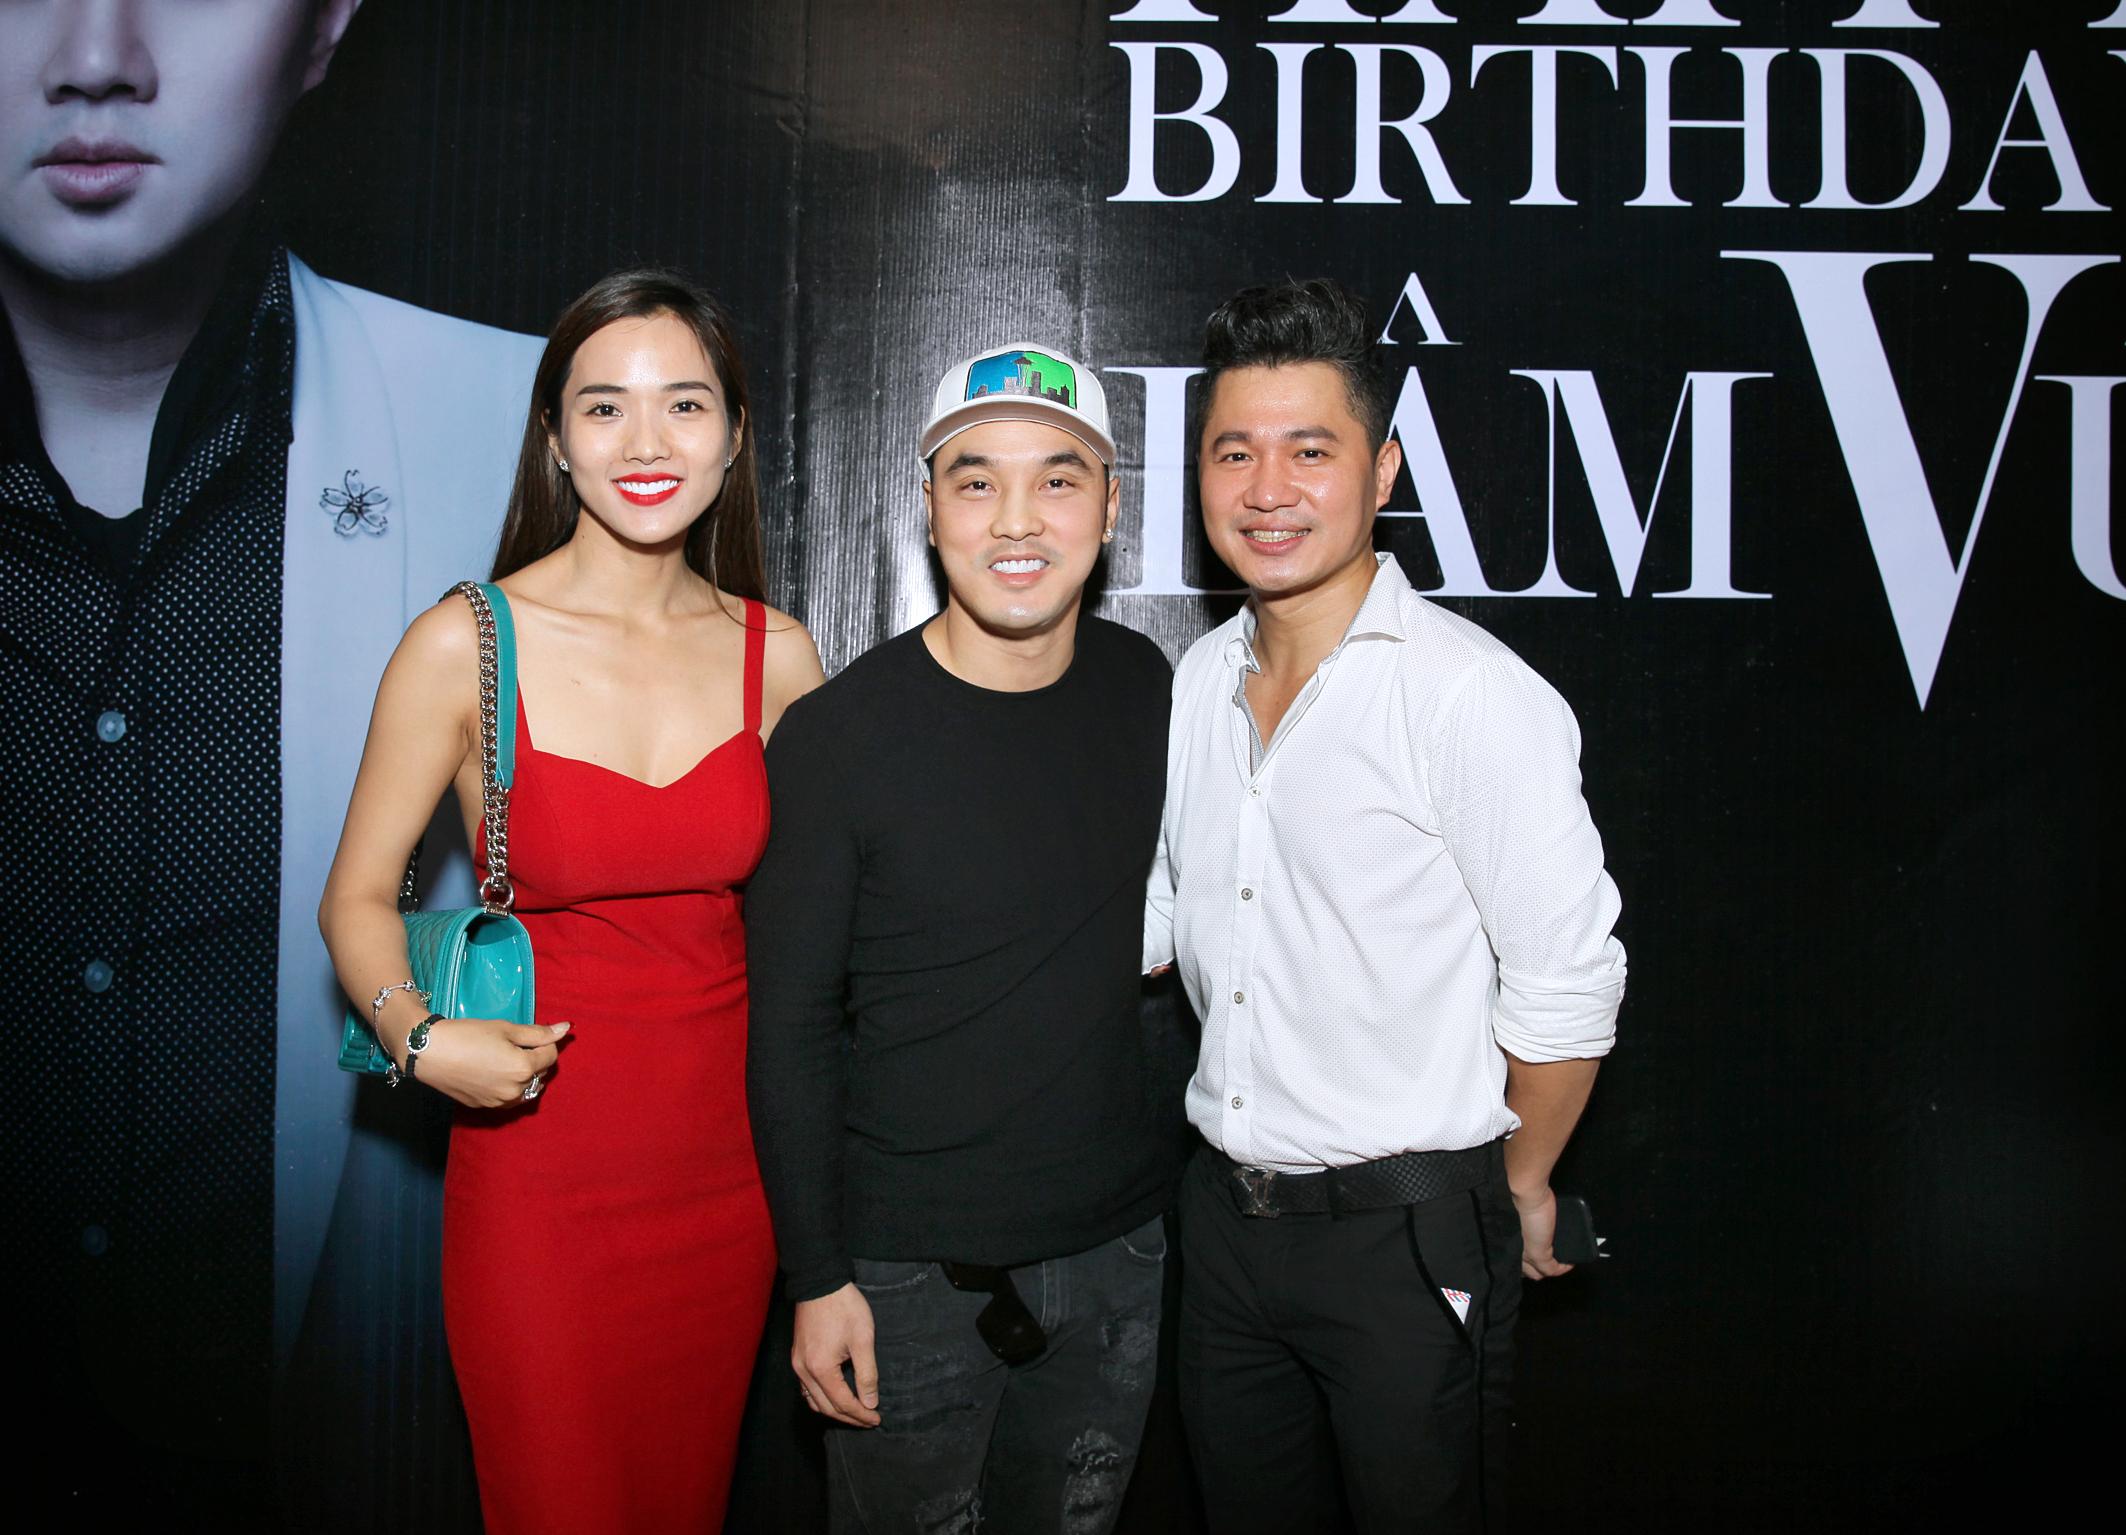 Vợ chồng Ưng Hoàng Phúc tay trong tay chúc mừng sinh nhật Lâm Vũ